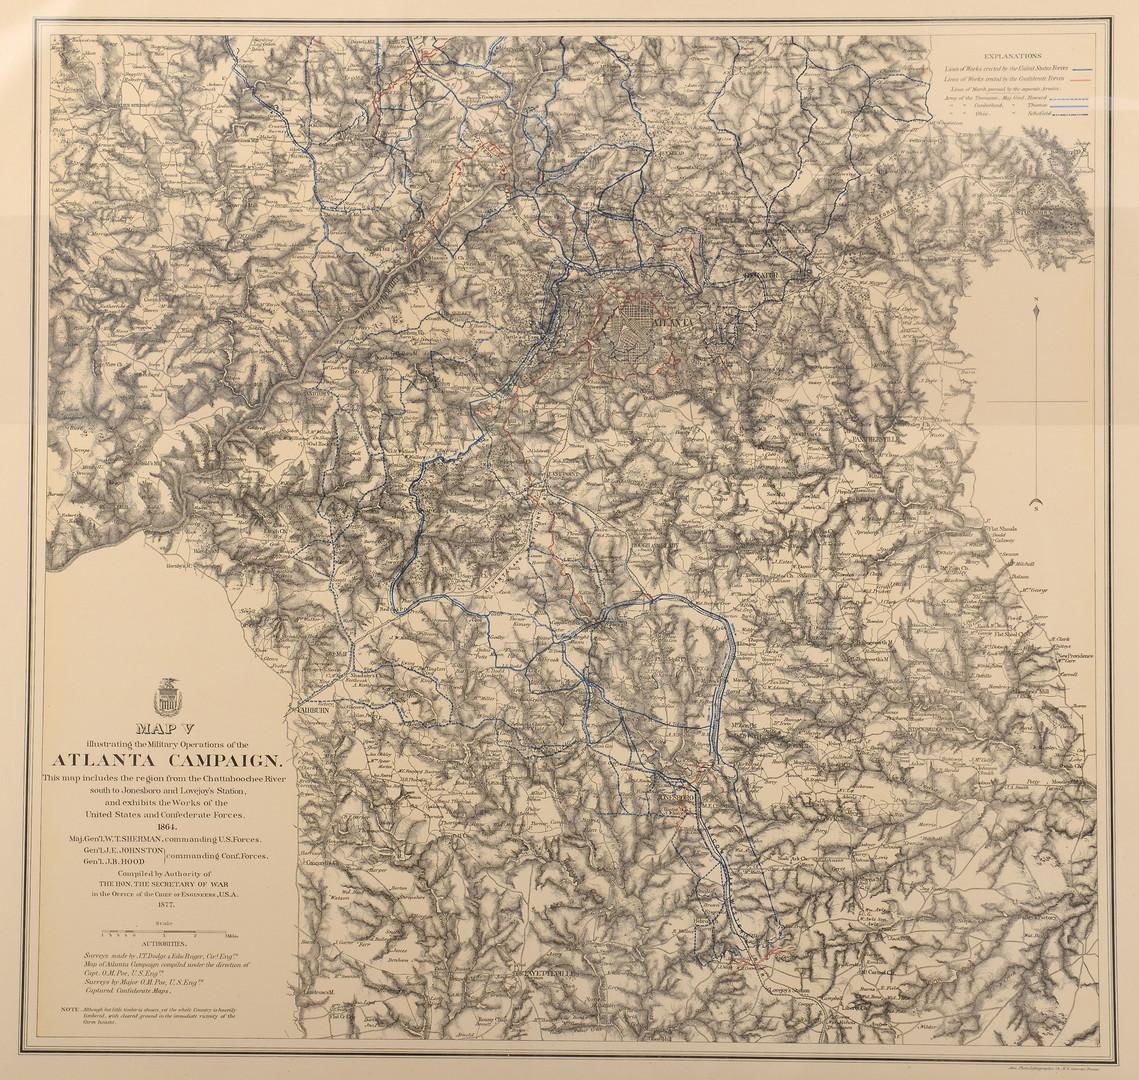 Lot 380: Atlanta Civil War Campaign Maps